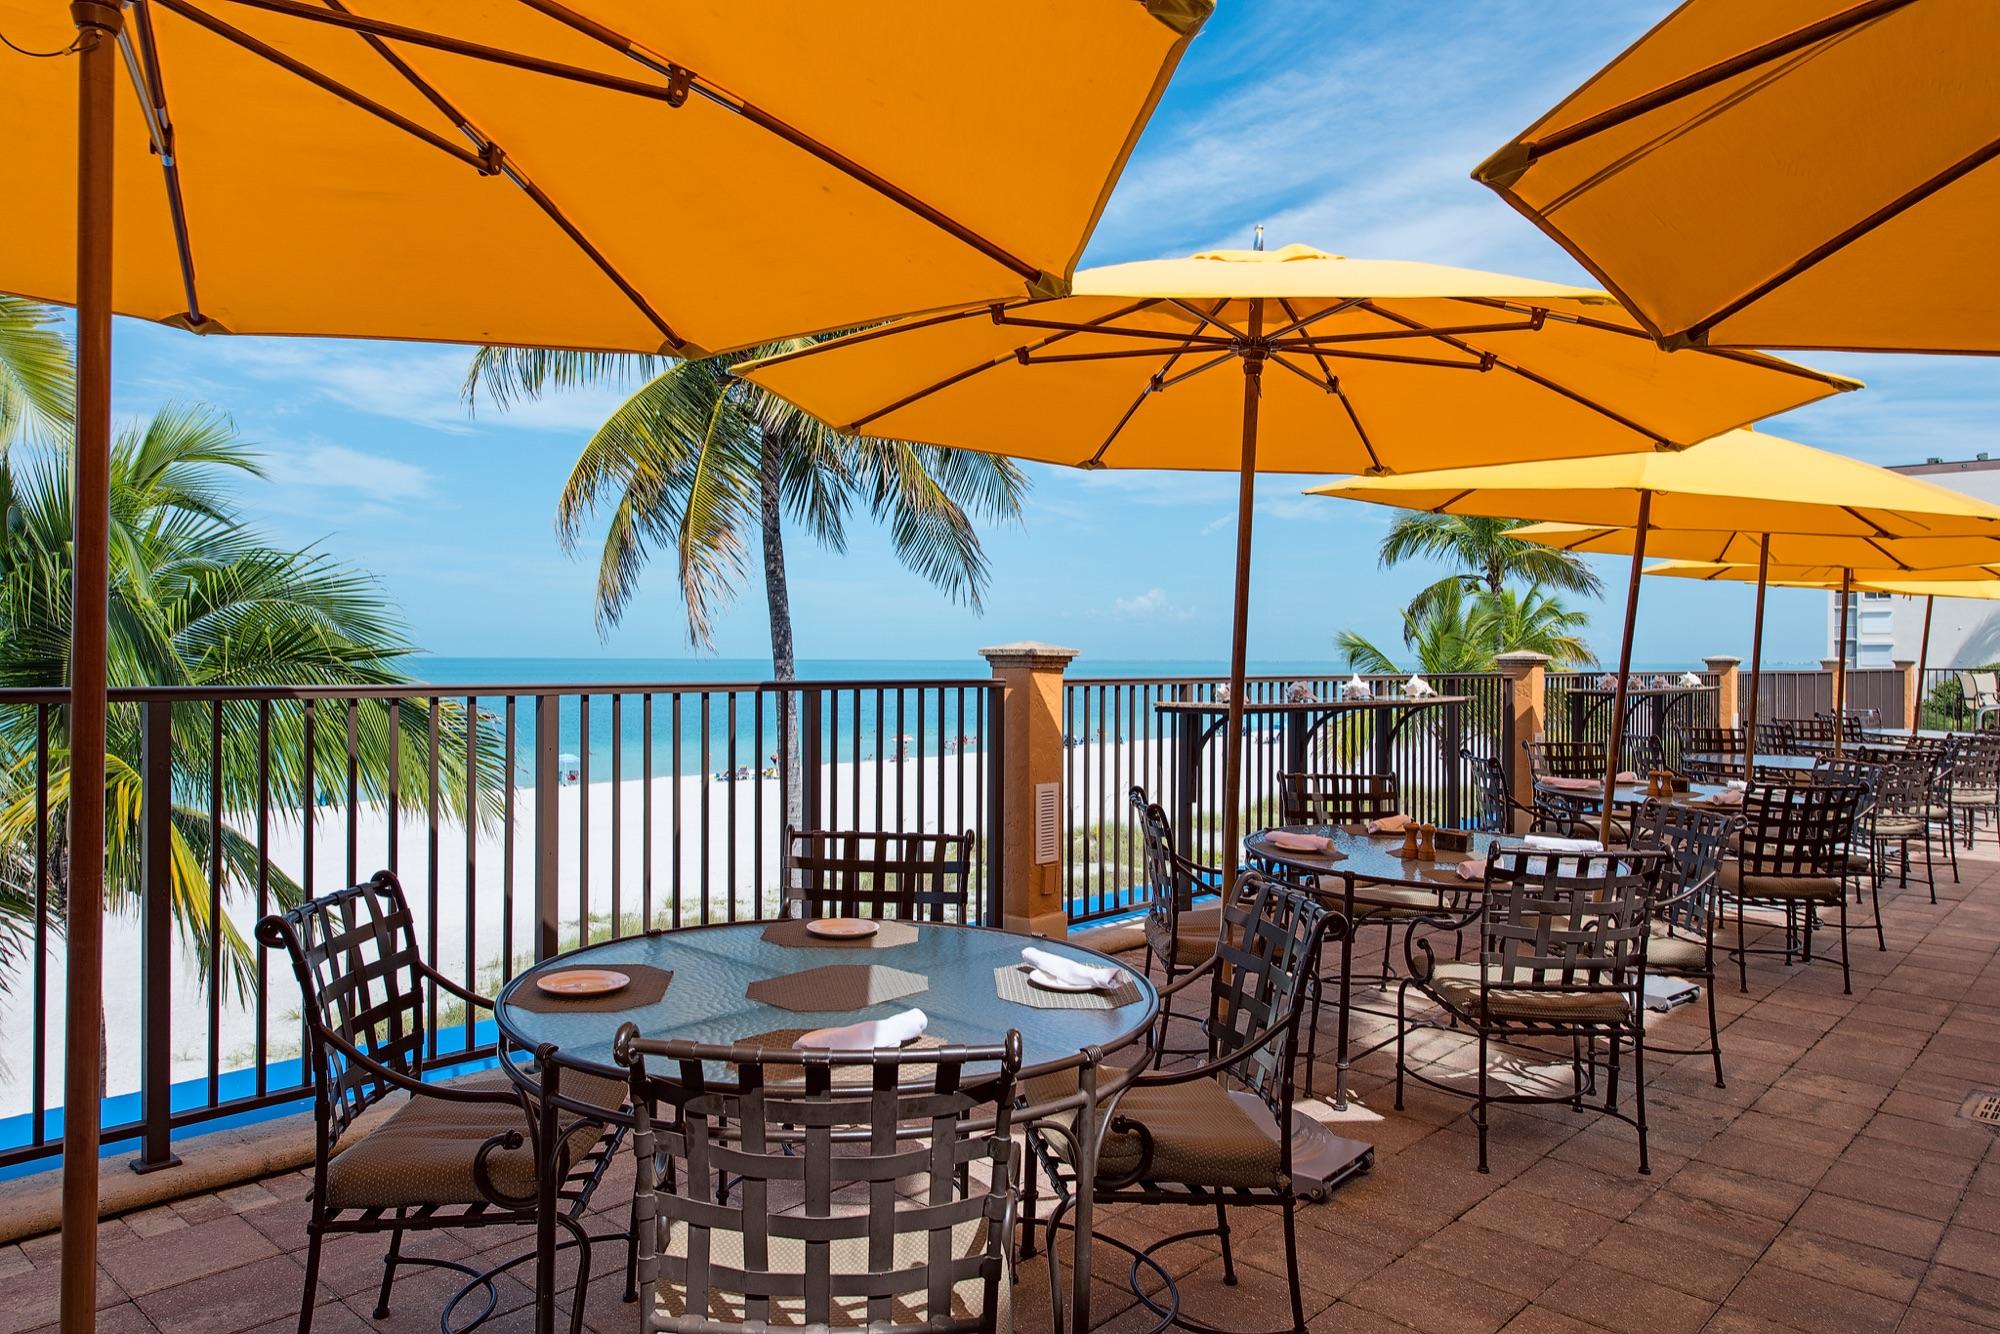 Beach Club el Fresco Dining